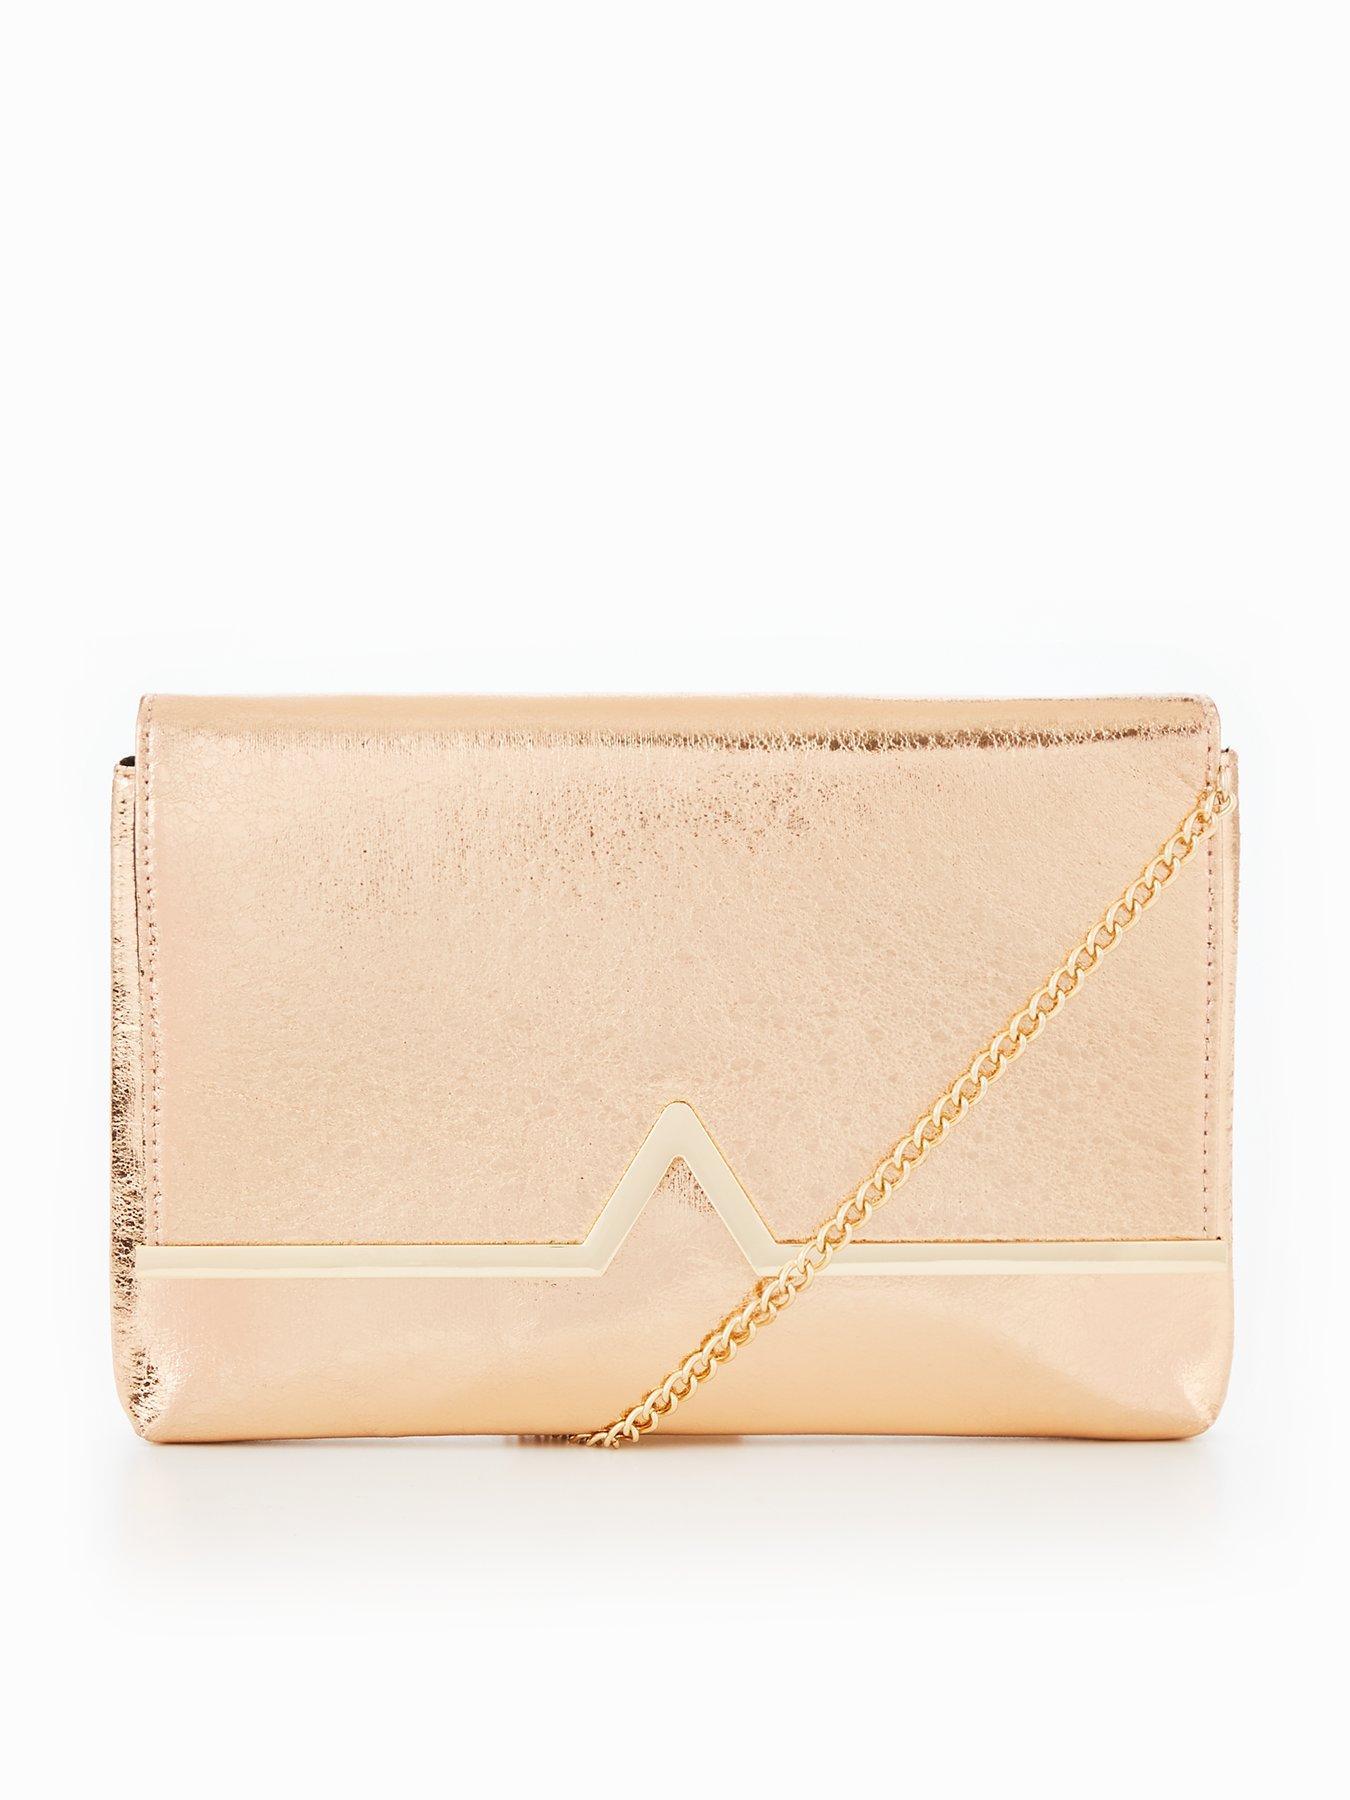 V by Very V Bar Metallic Clutch Bag - Gold